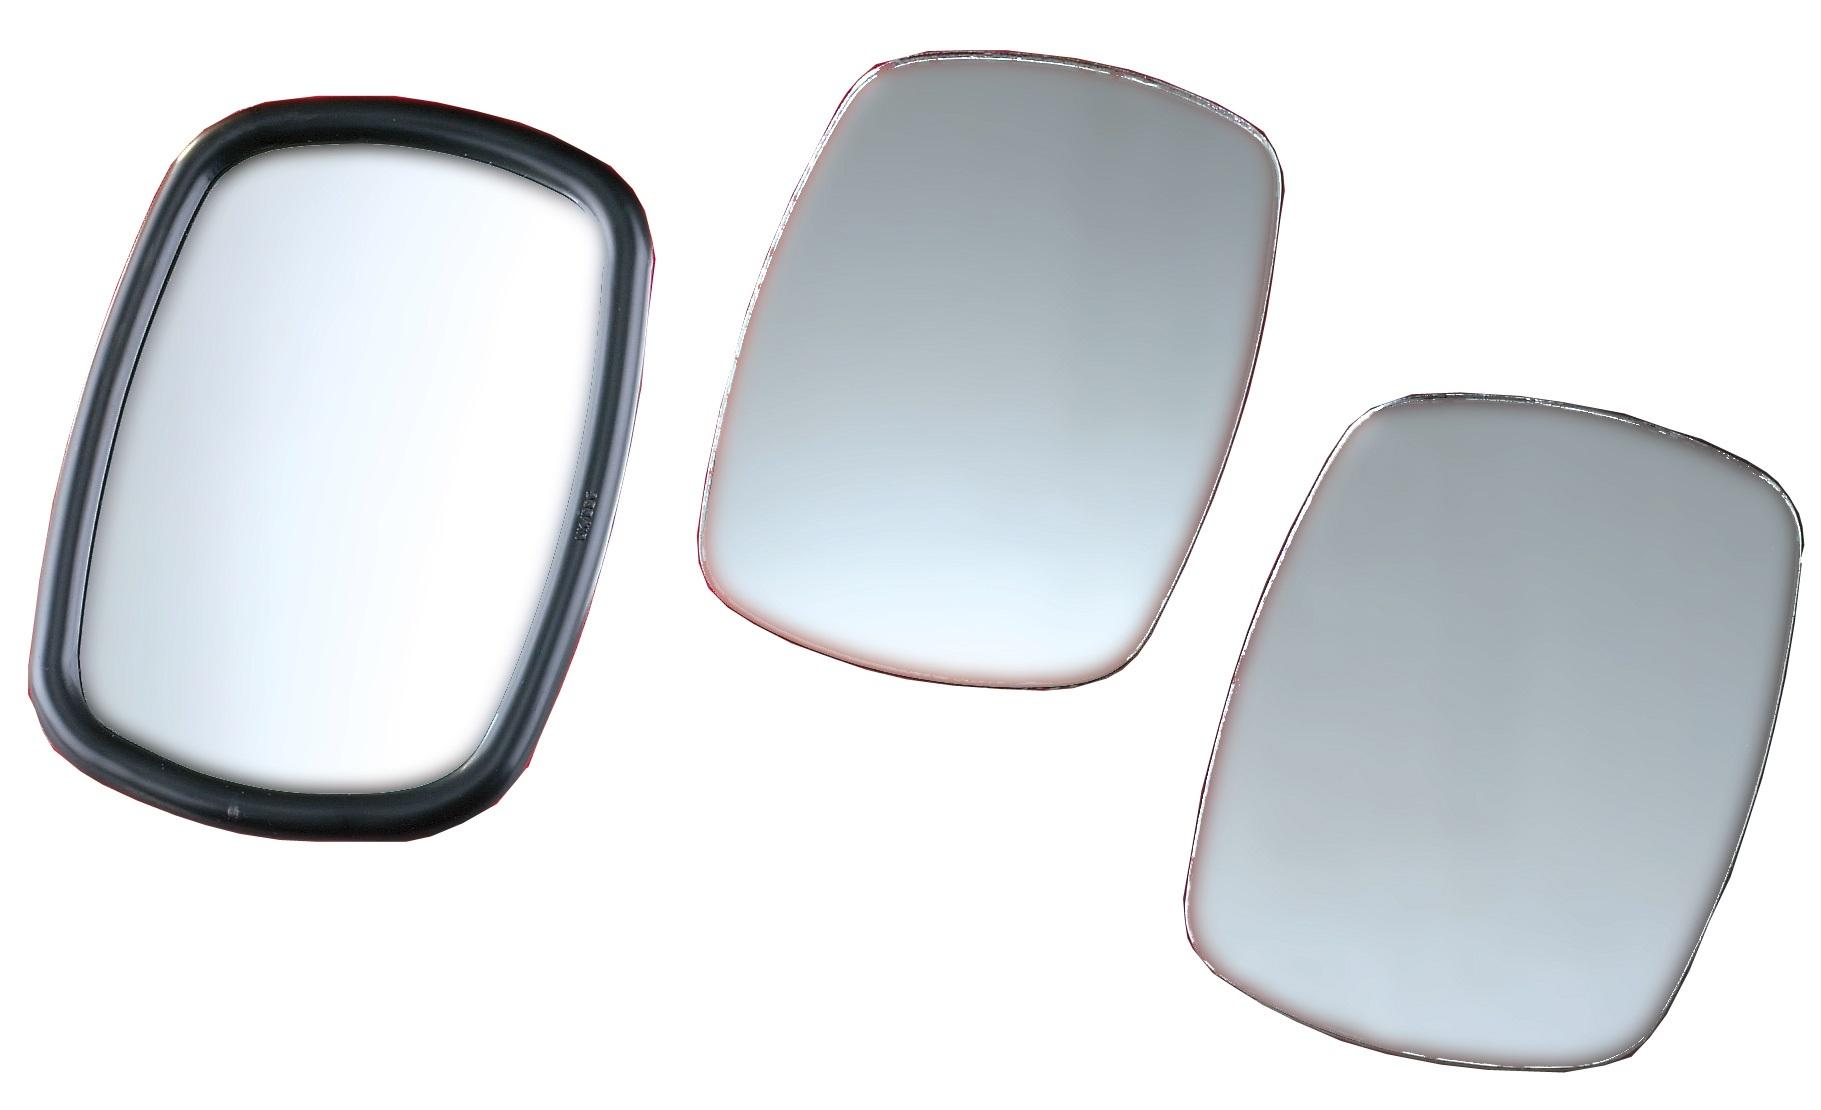 PROTON PERSONA MITSUBISHI SPACE STAR Replacement Mirror Glass LEFT